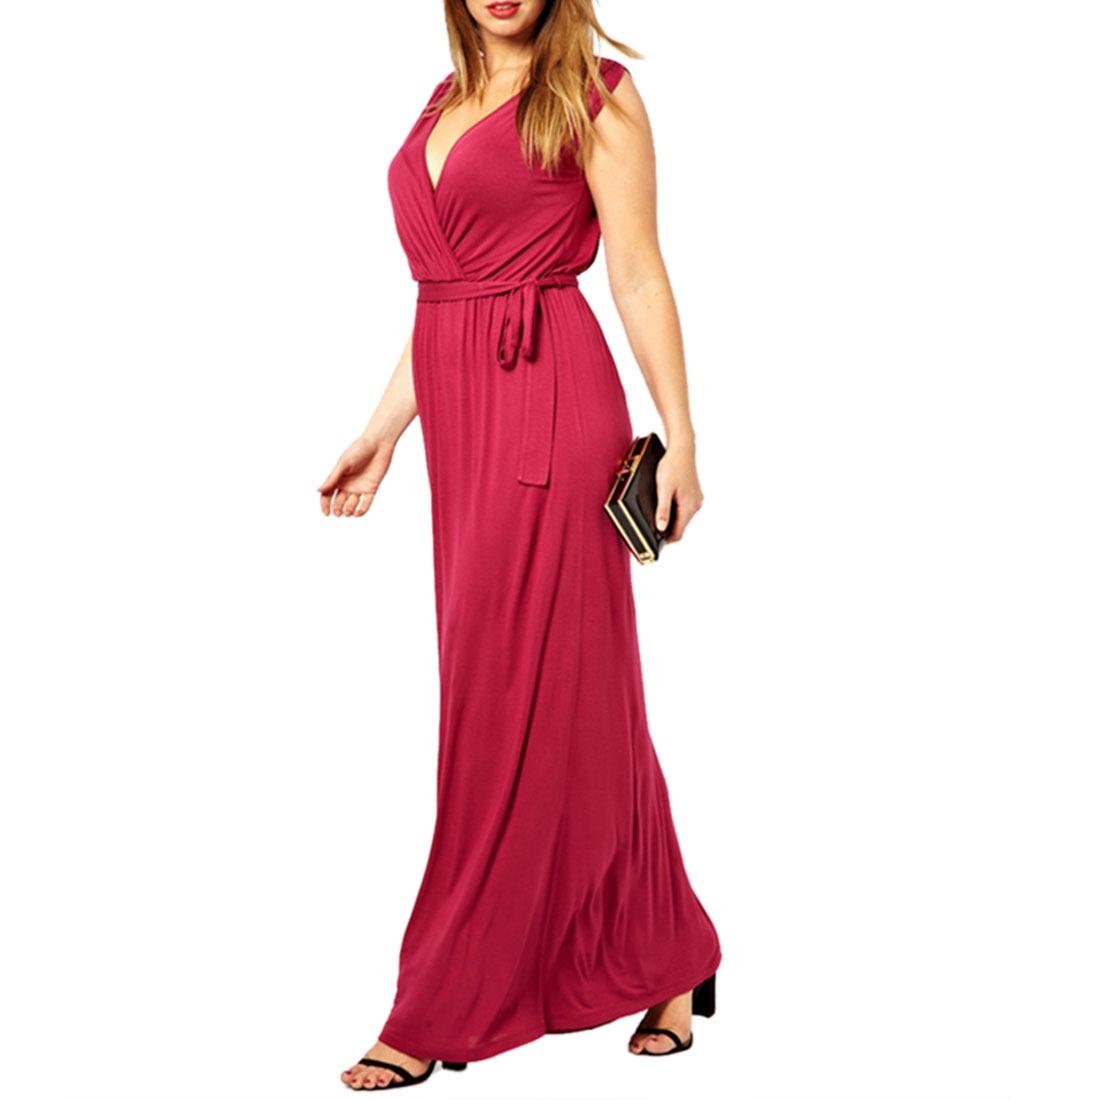 Women Summer Party Formal Deep V-Neck Sleeveless Belt Long Tunic Maxi Dress